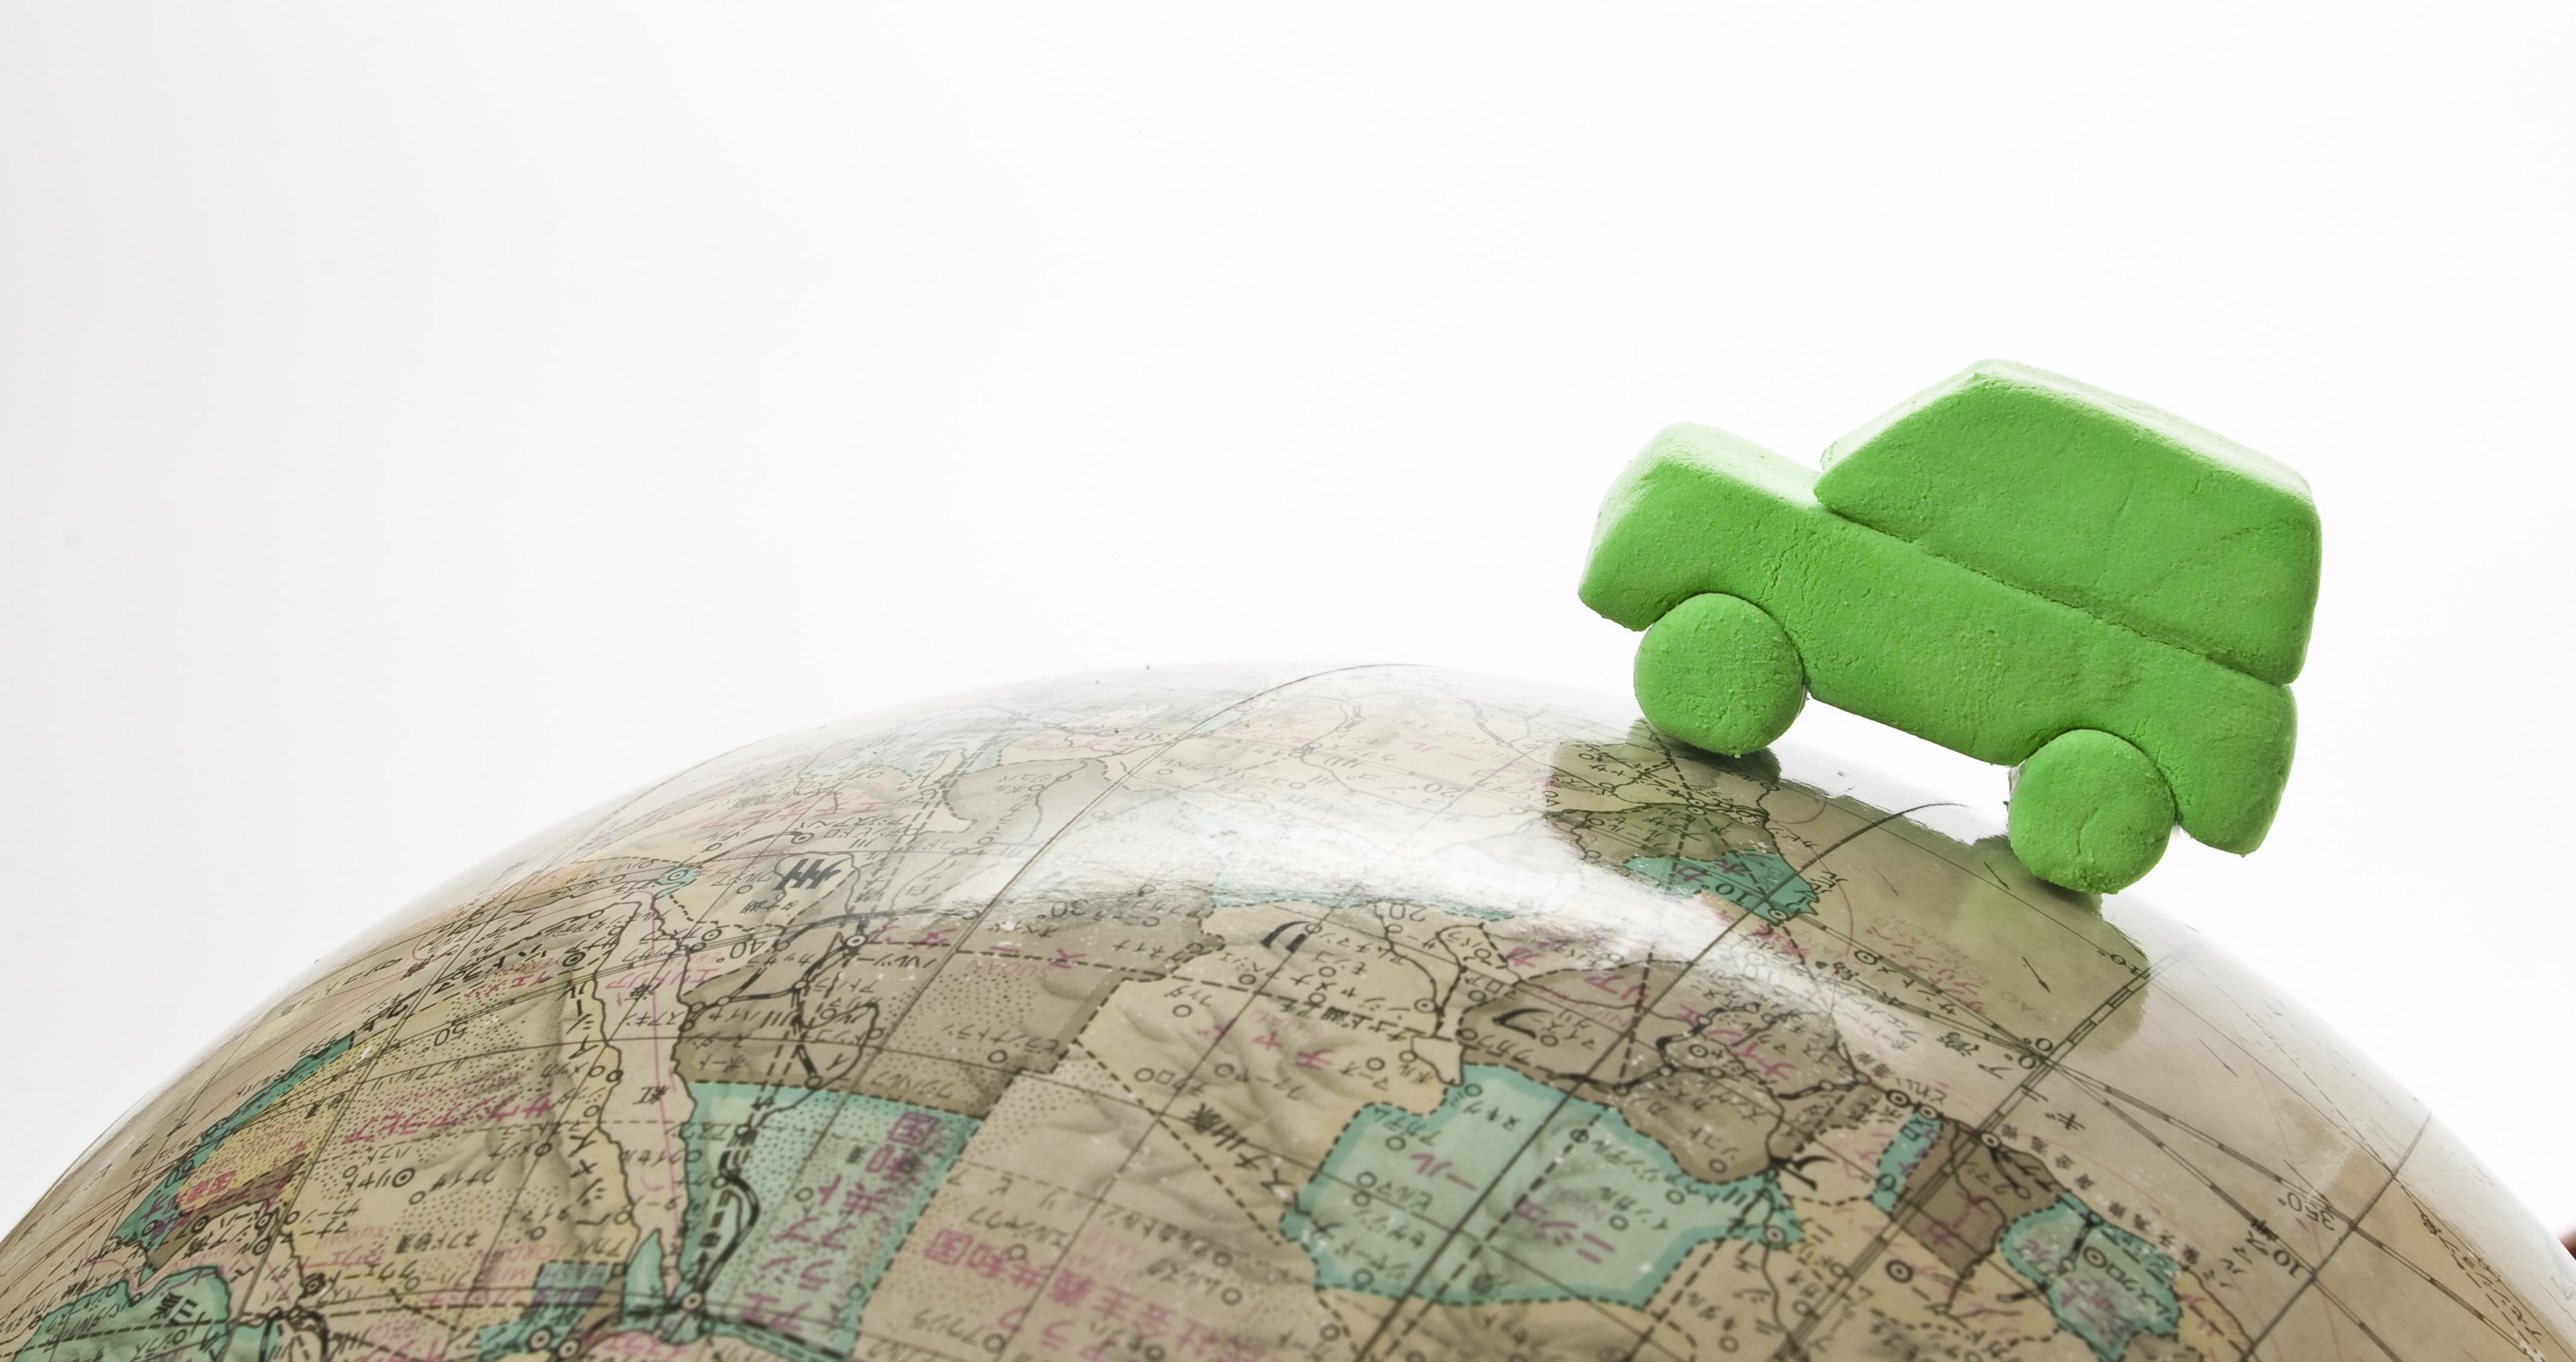 15 自動車分野における将来技術の探索および外部連携の推進